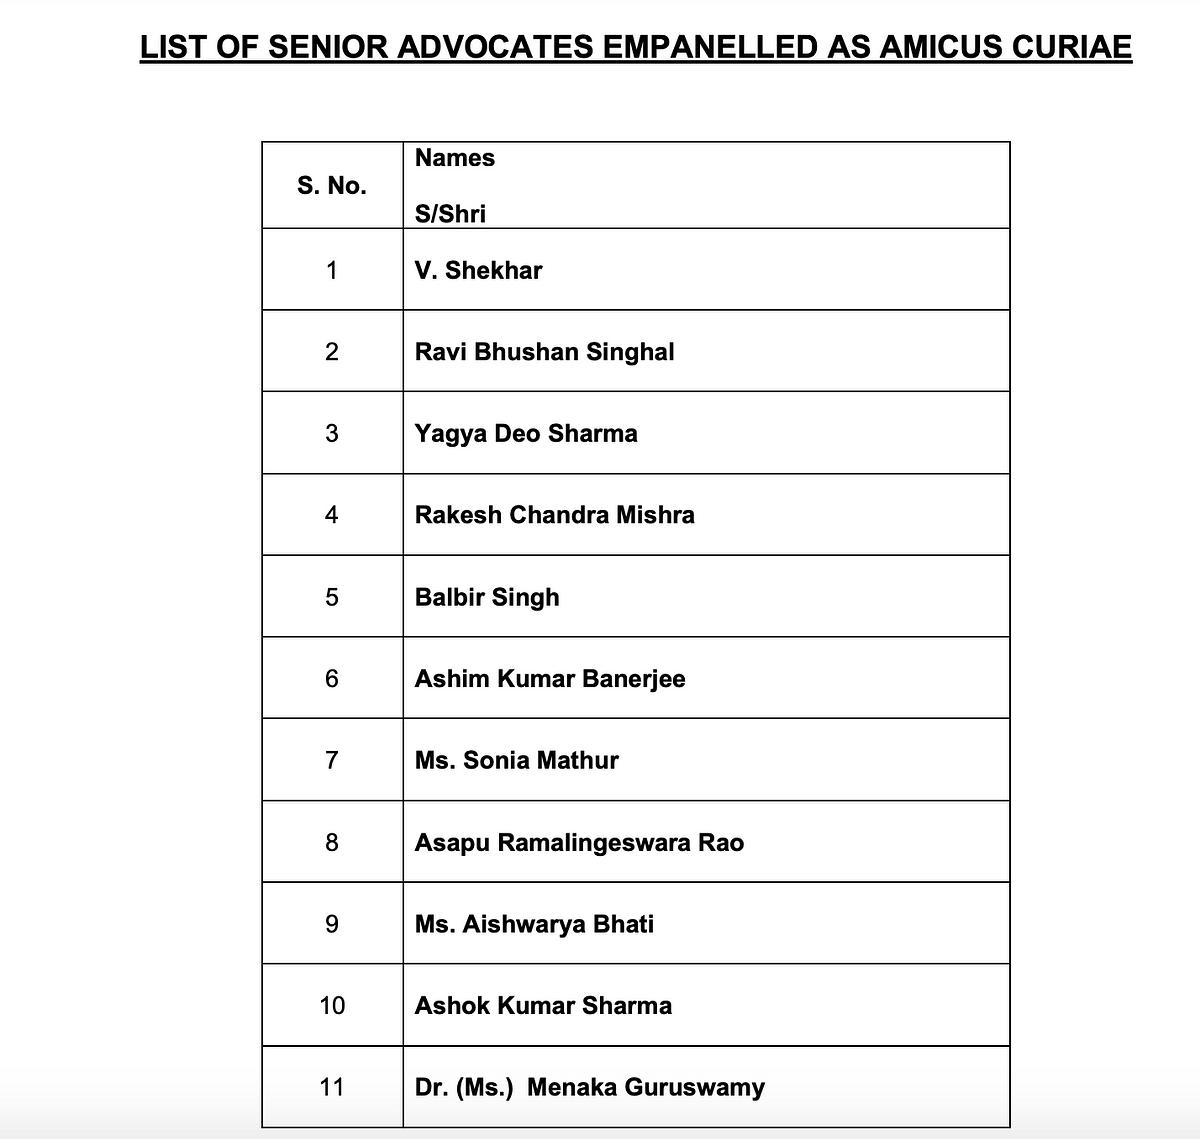 List of Senior Advocates Empanelled as Amicus Curiae